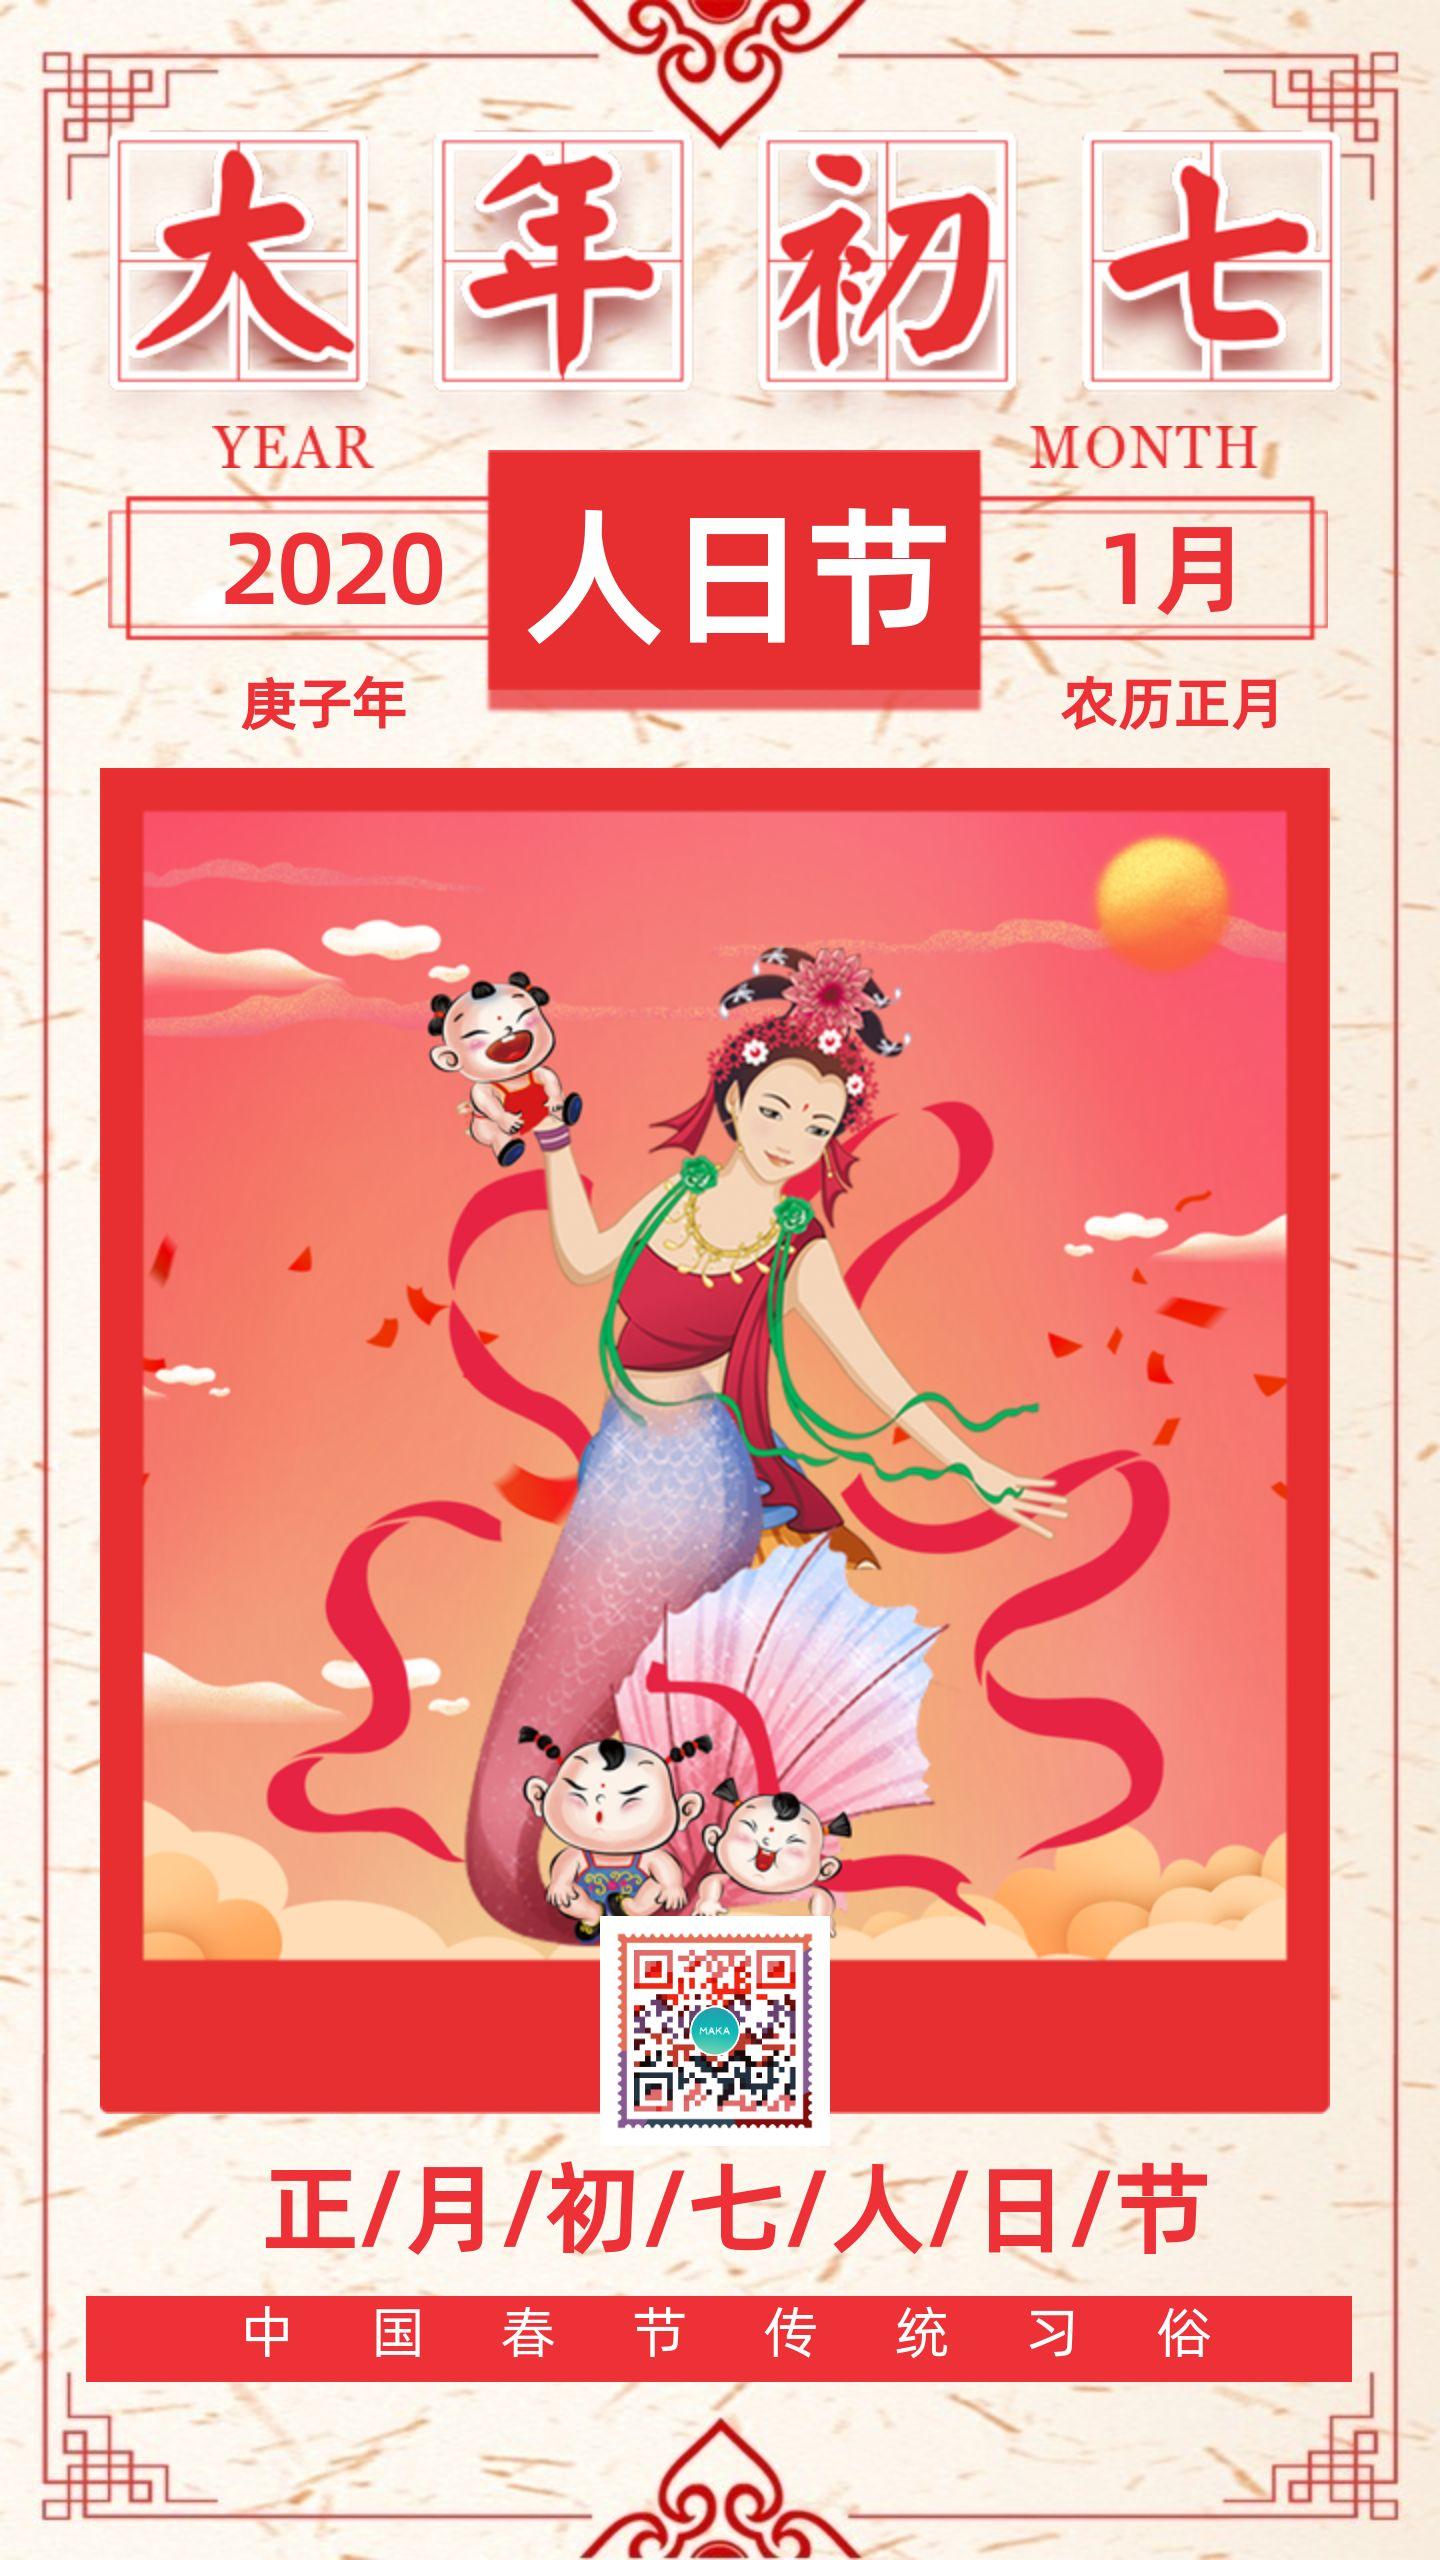 正月初七人日节中国风2020鼠年春节祝福大年初七拜年手机版新年日签习俗海报